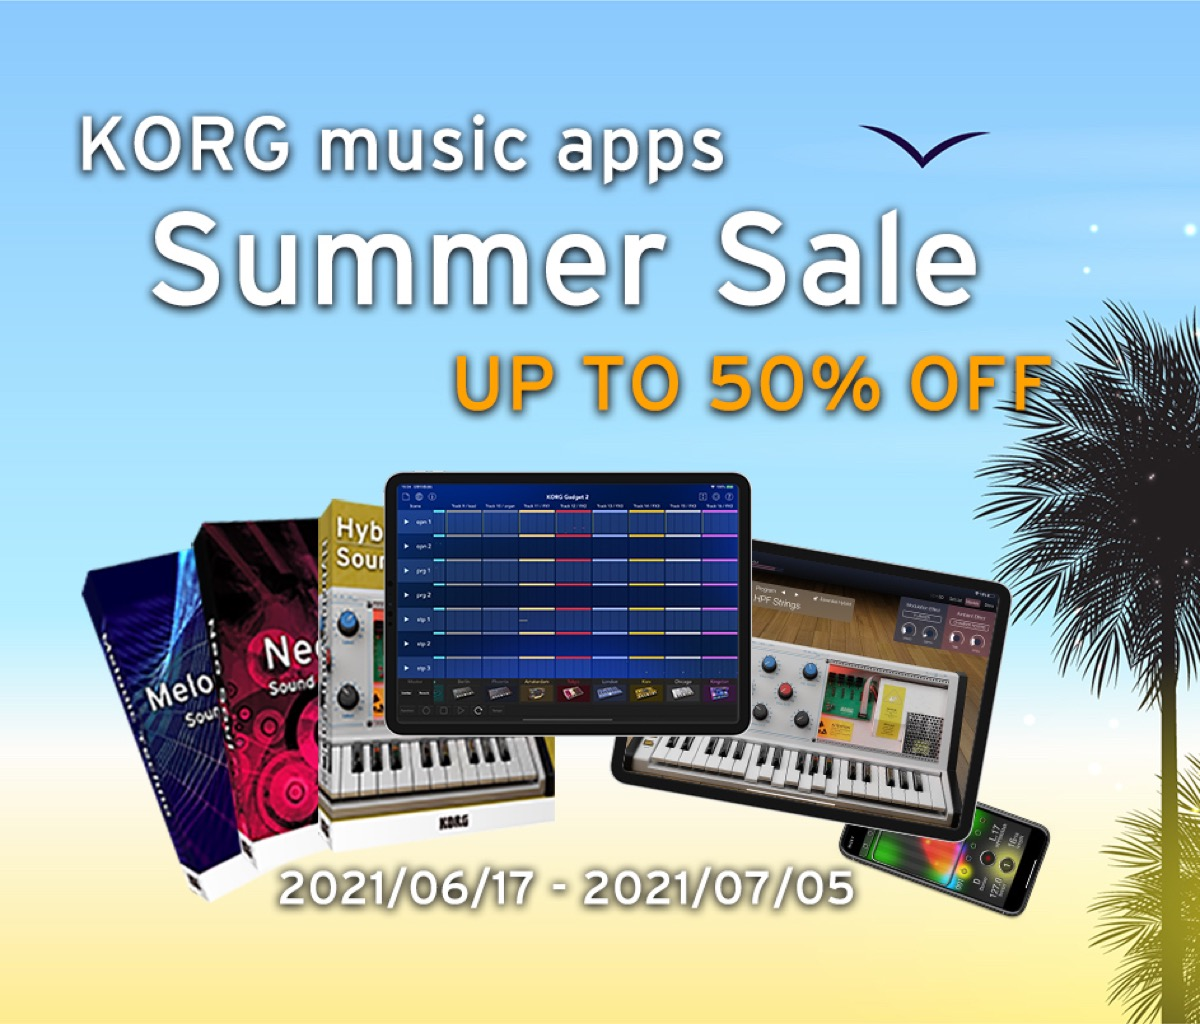 korg app